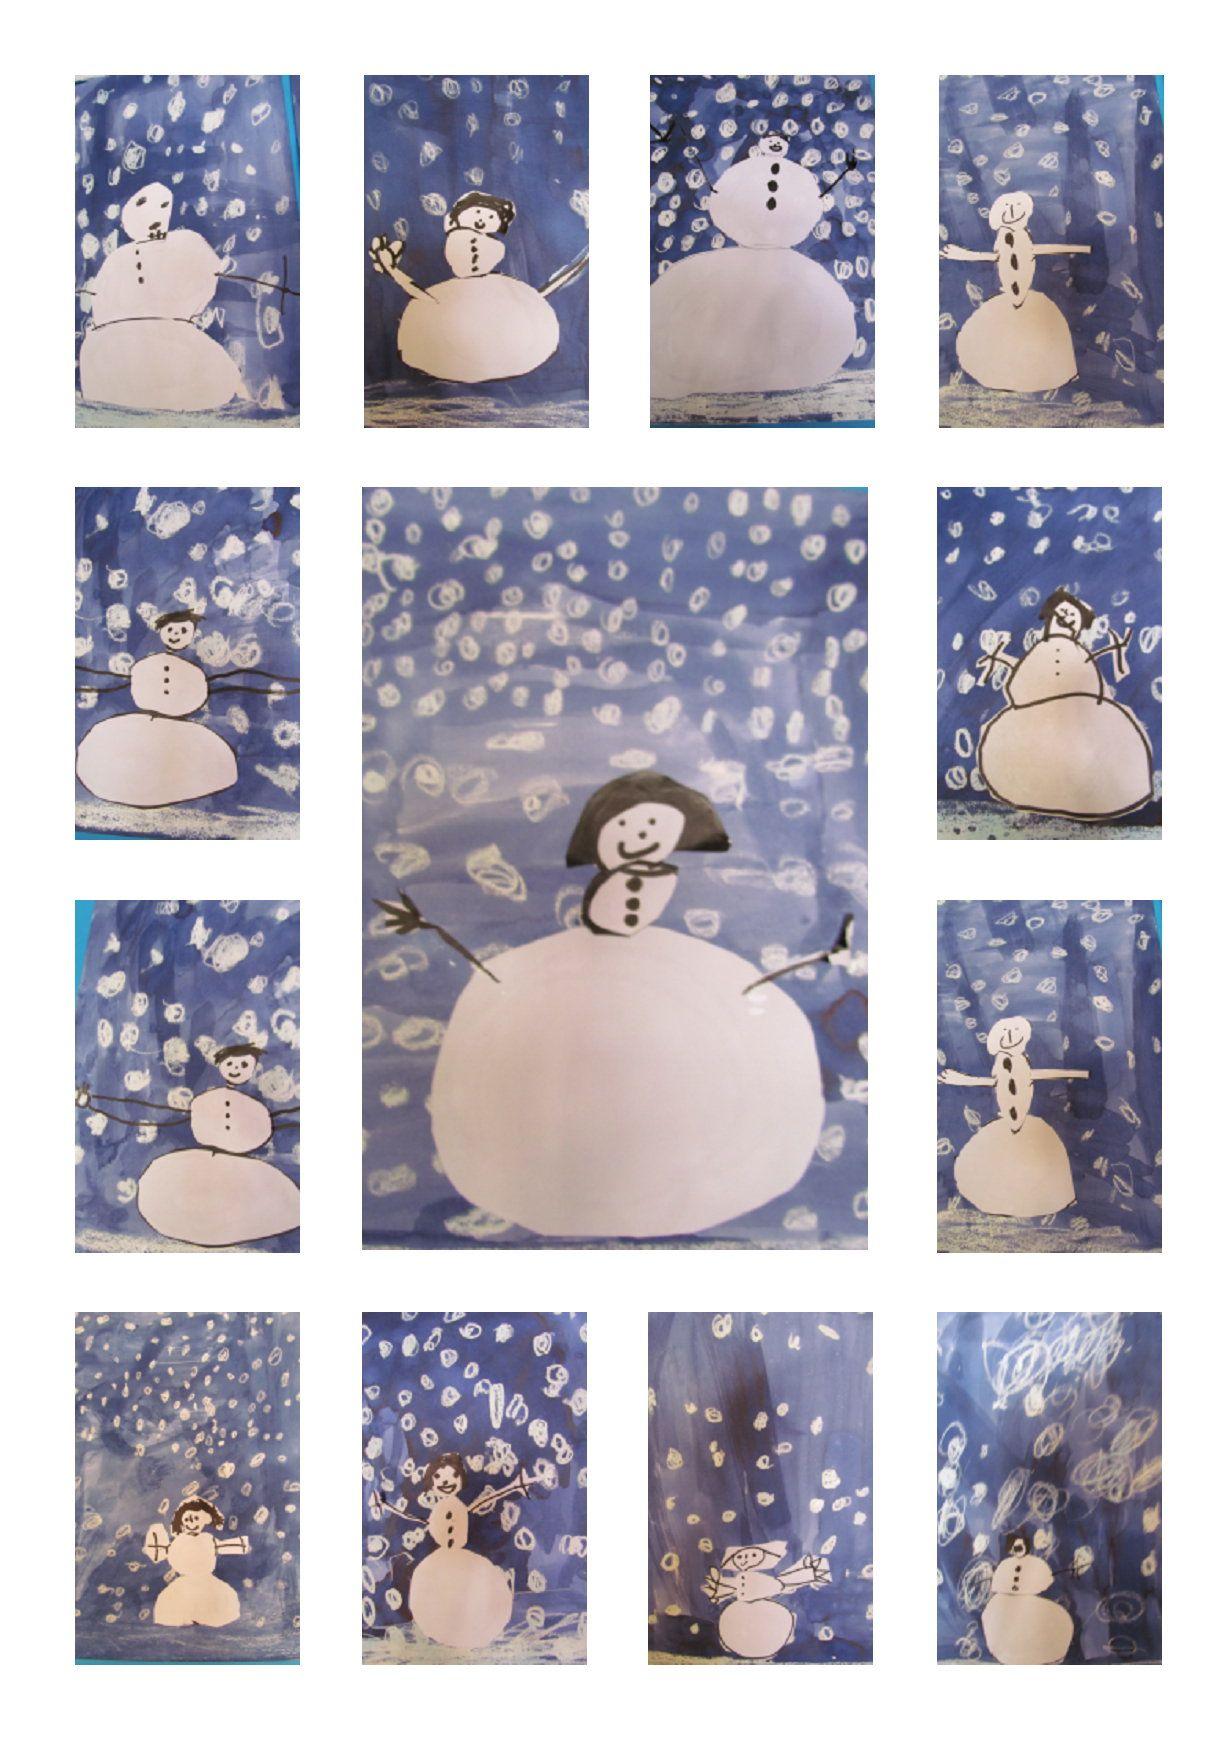 L 39 cole maternelle fr d ric mistral opio moyenne section bonhomme de neige ducation - Pinterest bonhomme de neige ...